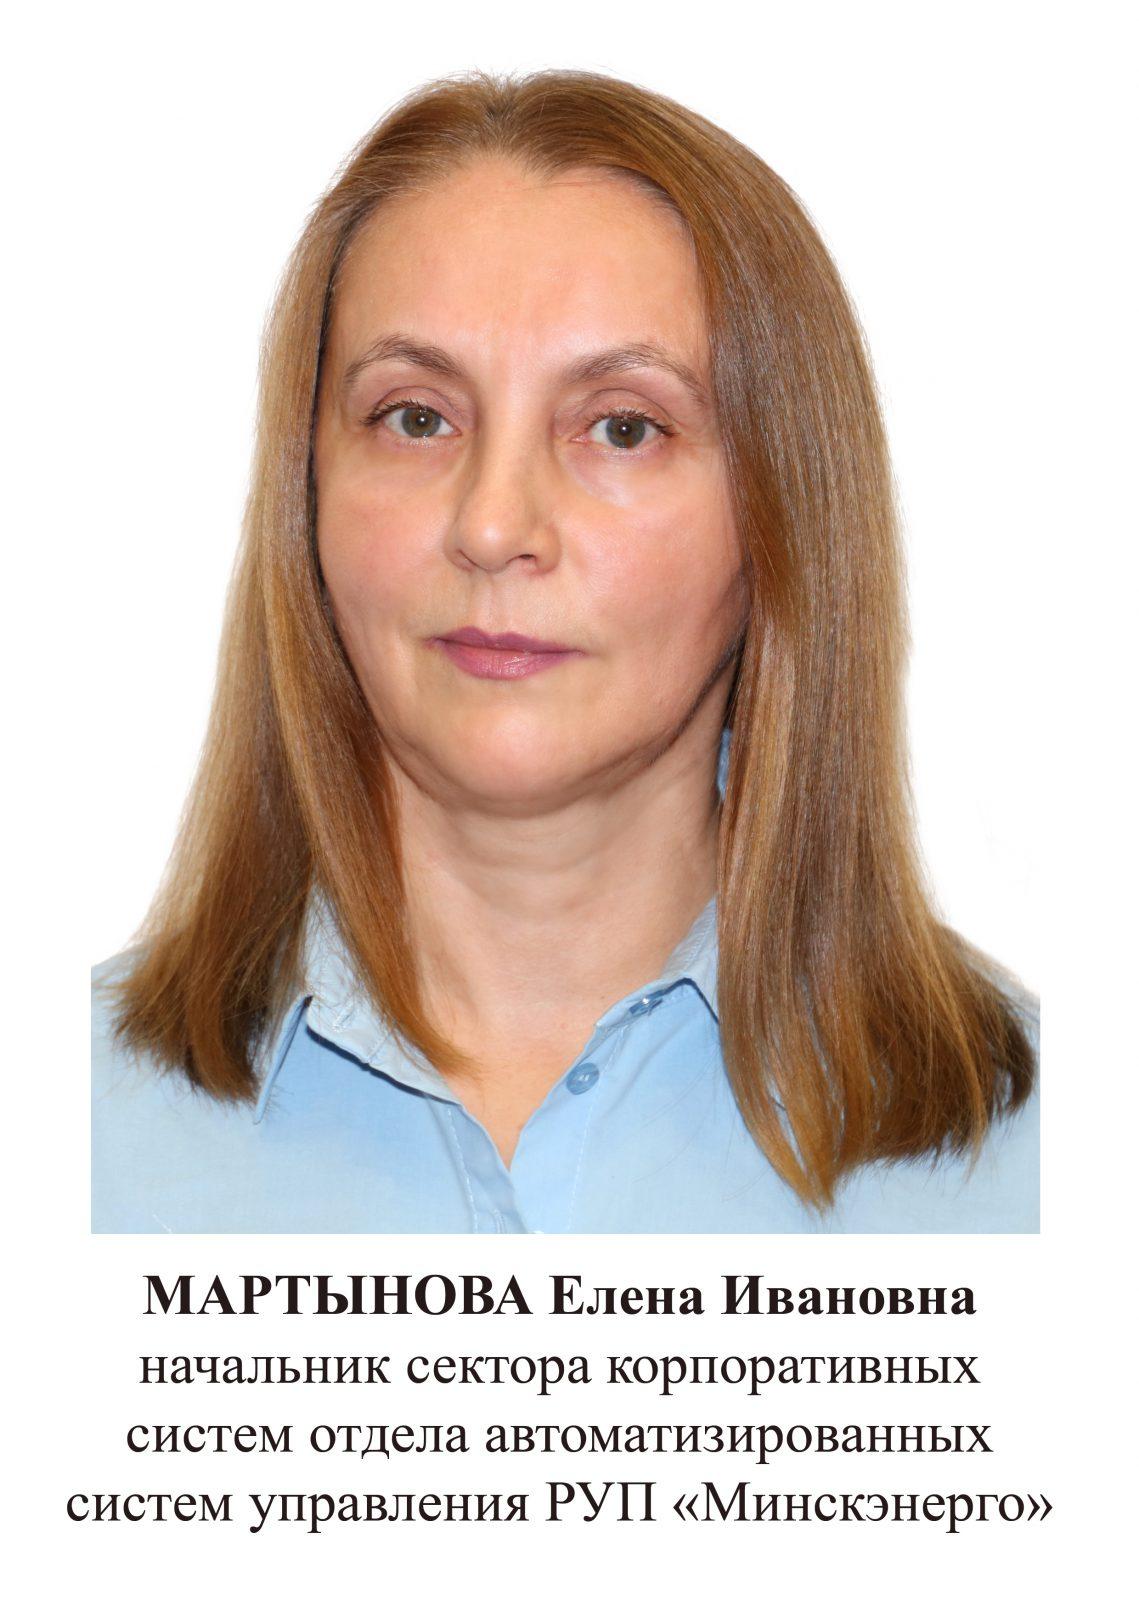 Мартынова Елена Ивановна